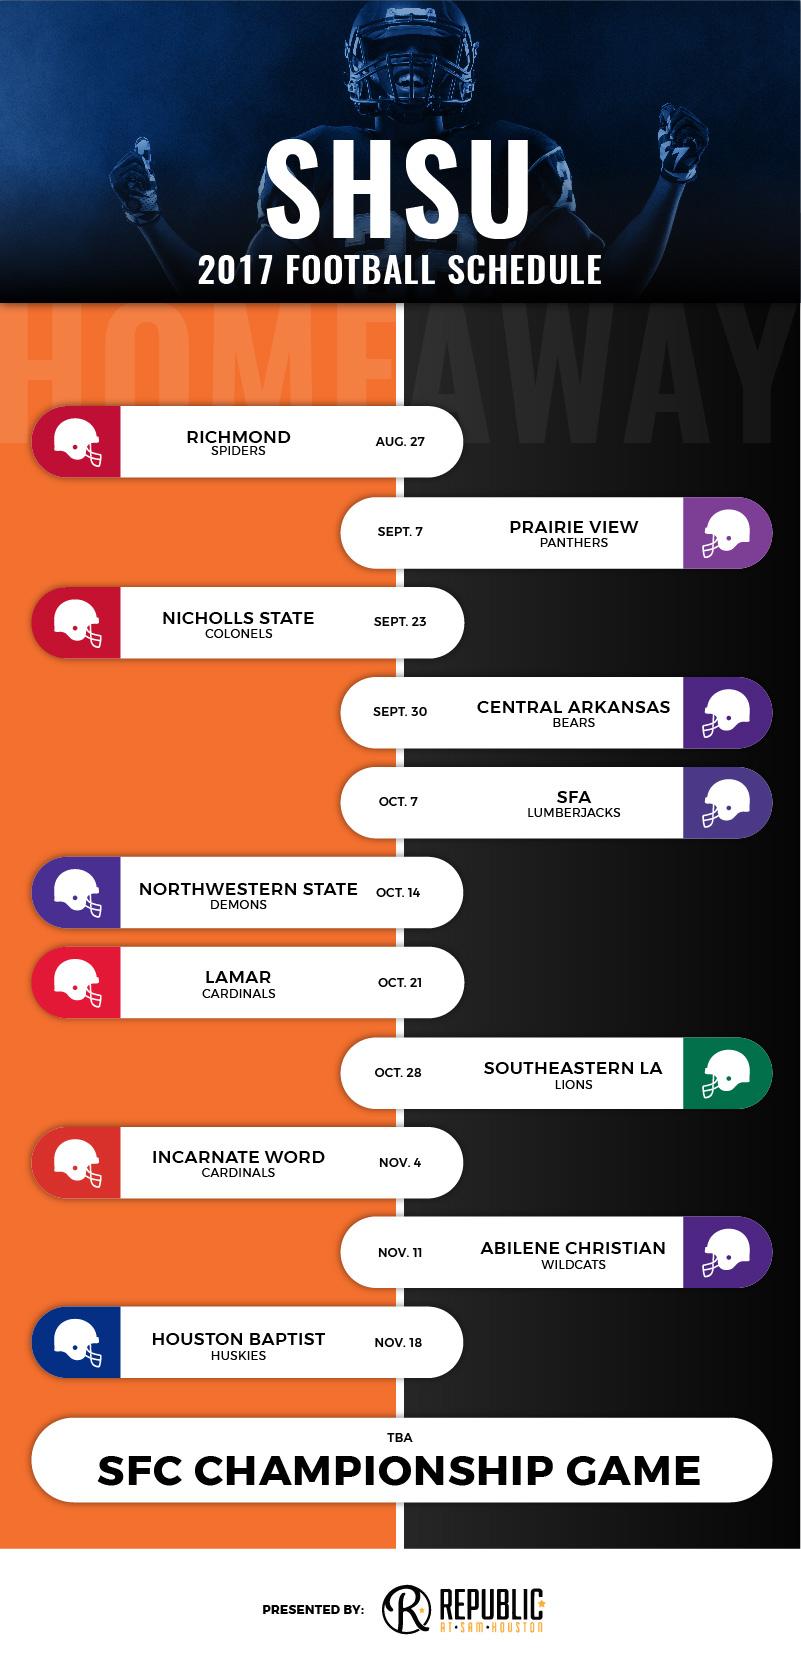 SHSU 2017 Football Schedule Infographic